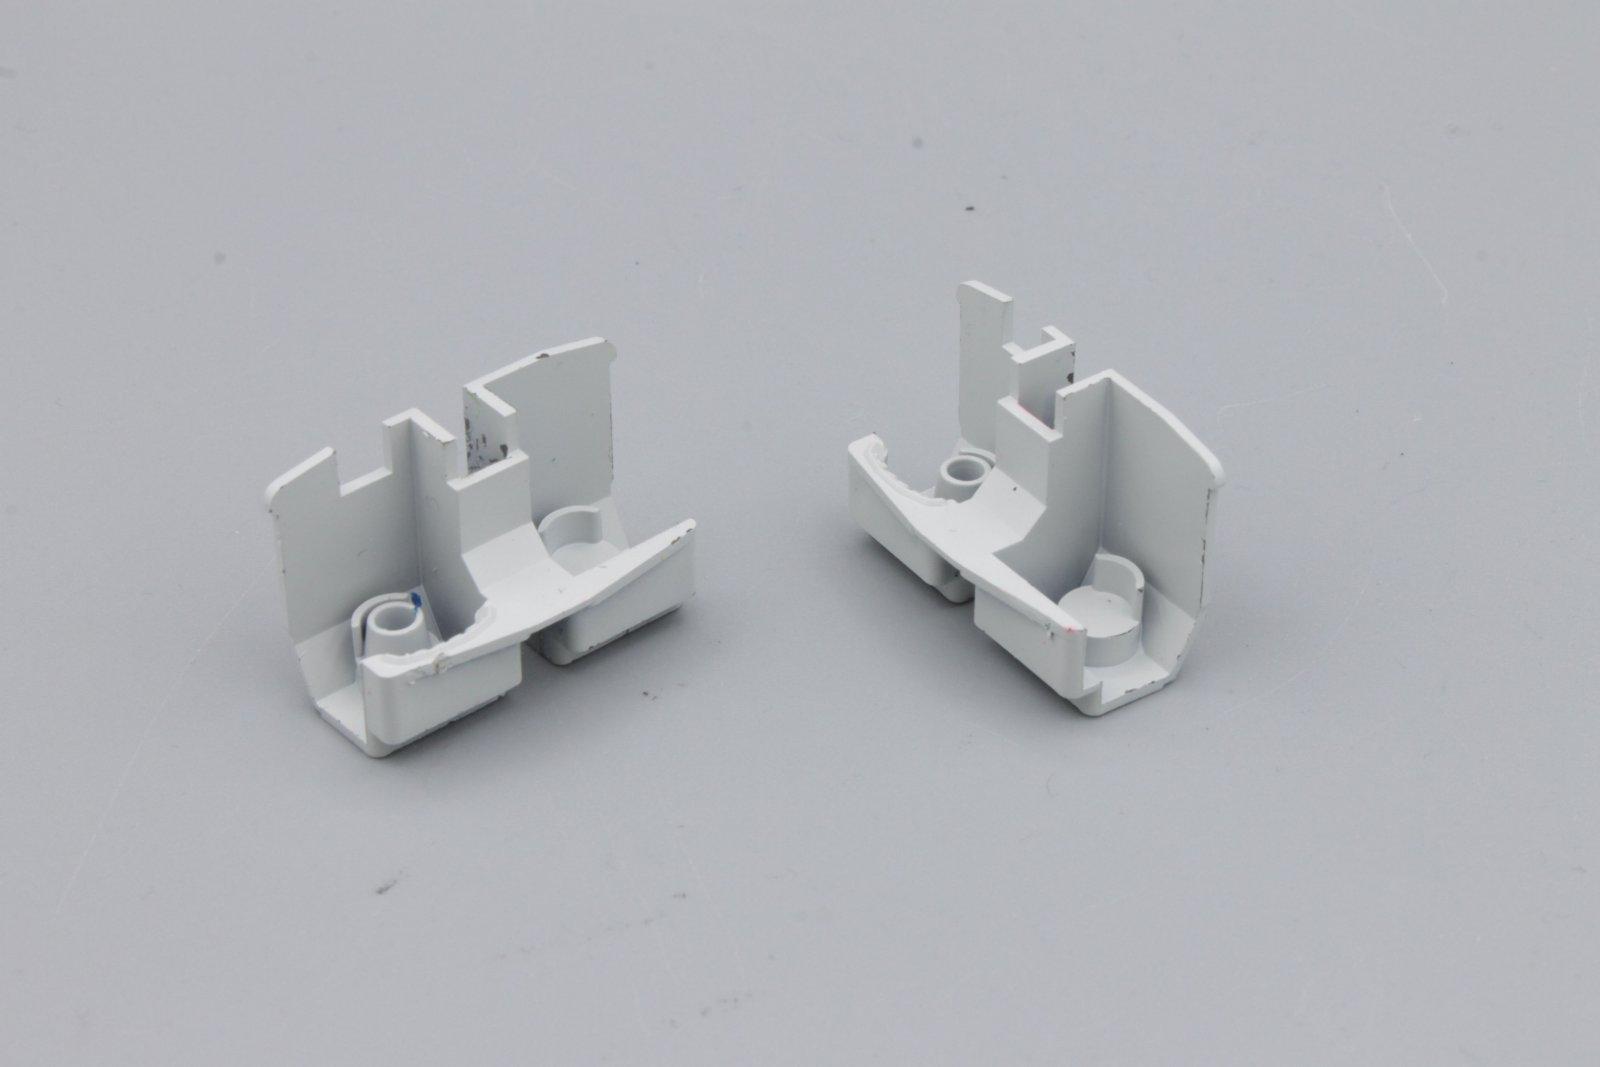 Ersatzteil Roco 140 Führerstandseinrichtung - 2 Stück / 1 Paar